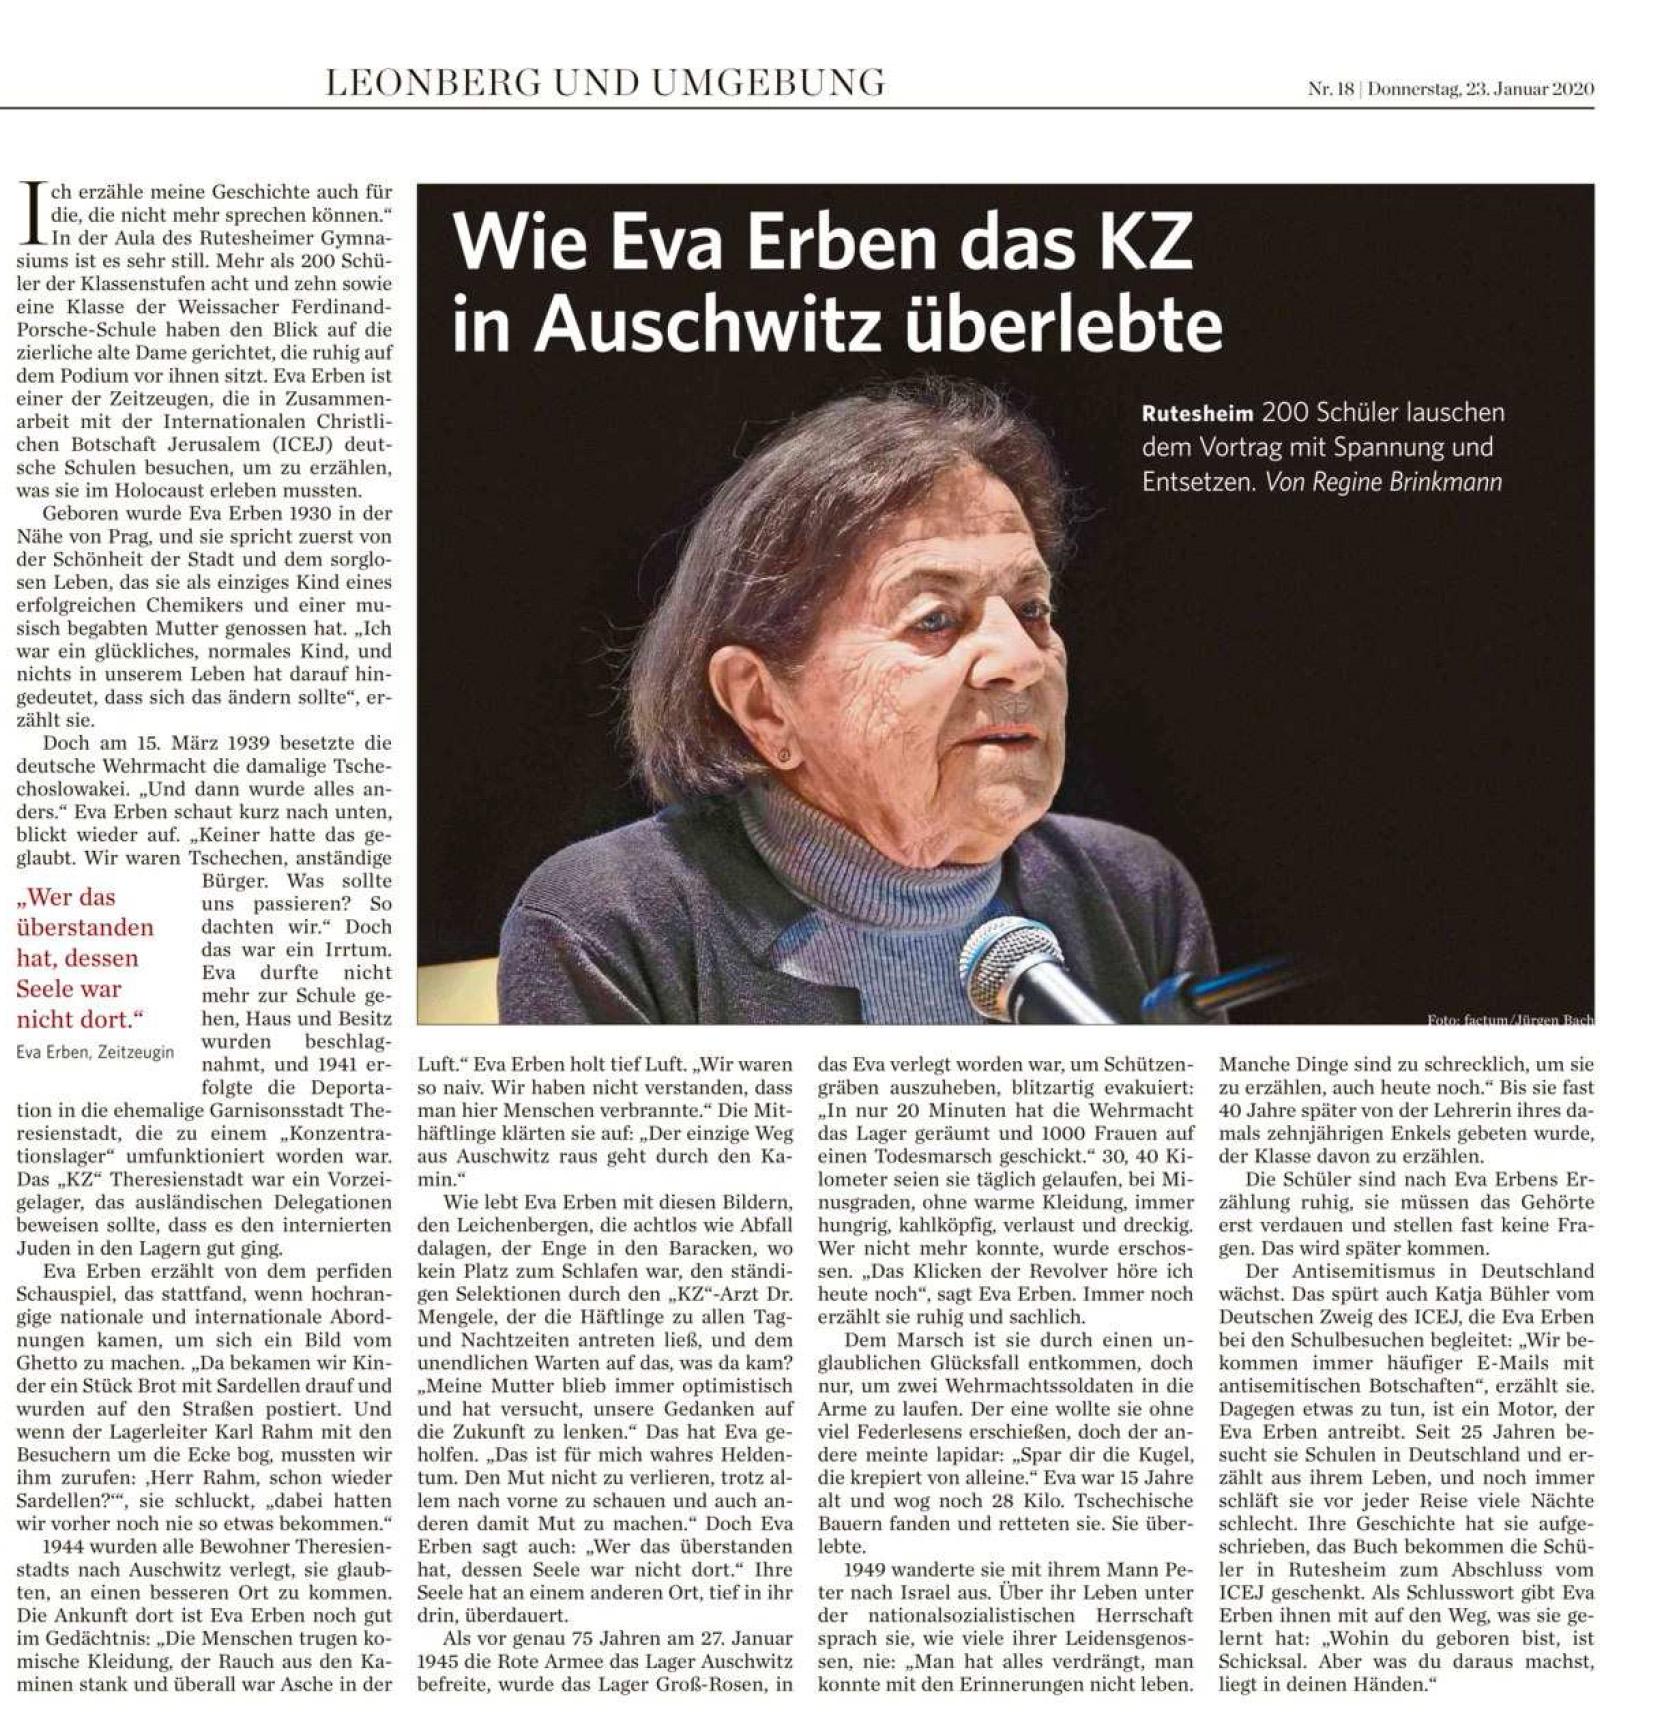 2020 01 23 Wie Eva Erben das KZ in Auschwitz überlebte